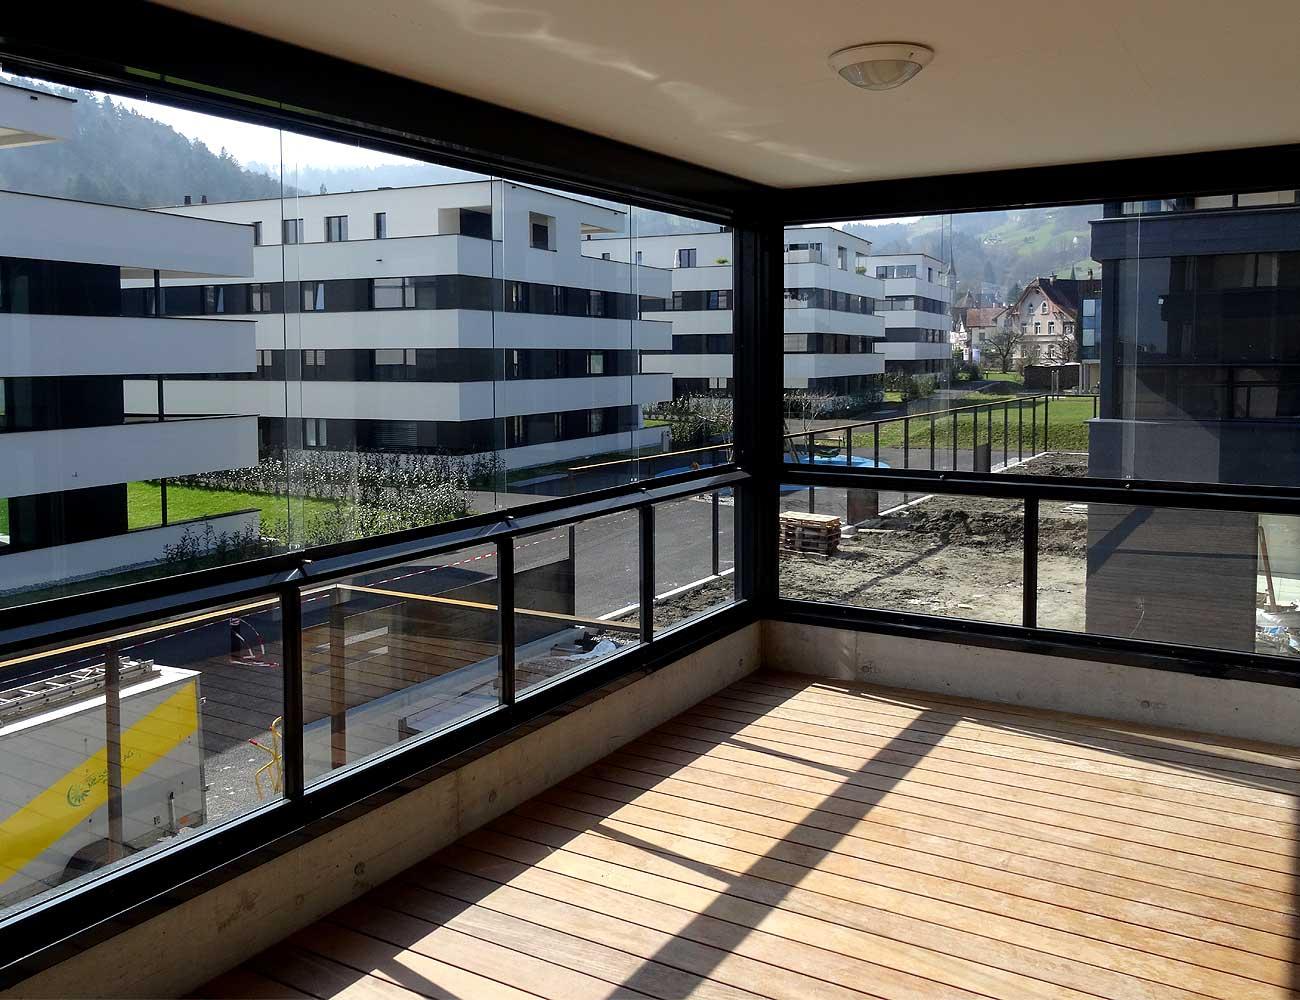 ebiasi-sitzplatzverglasung-balkonverglasung-2